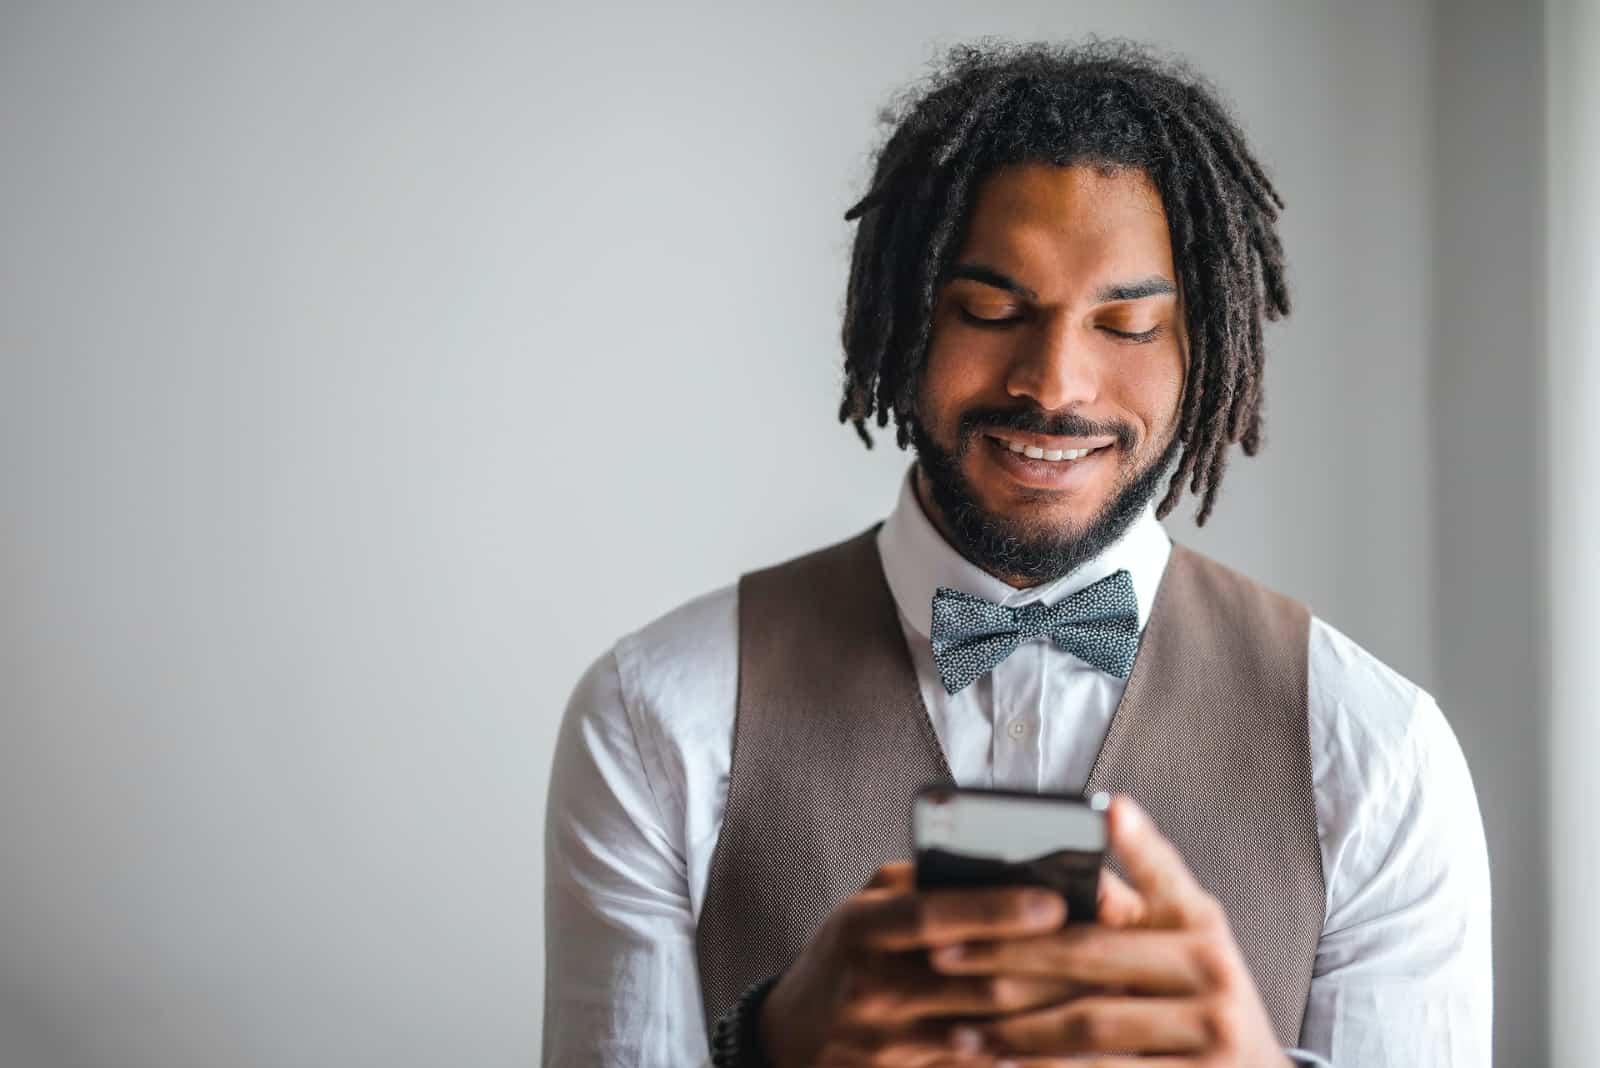 homme utilisant un smartphone en intérieur